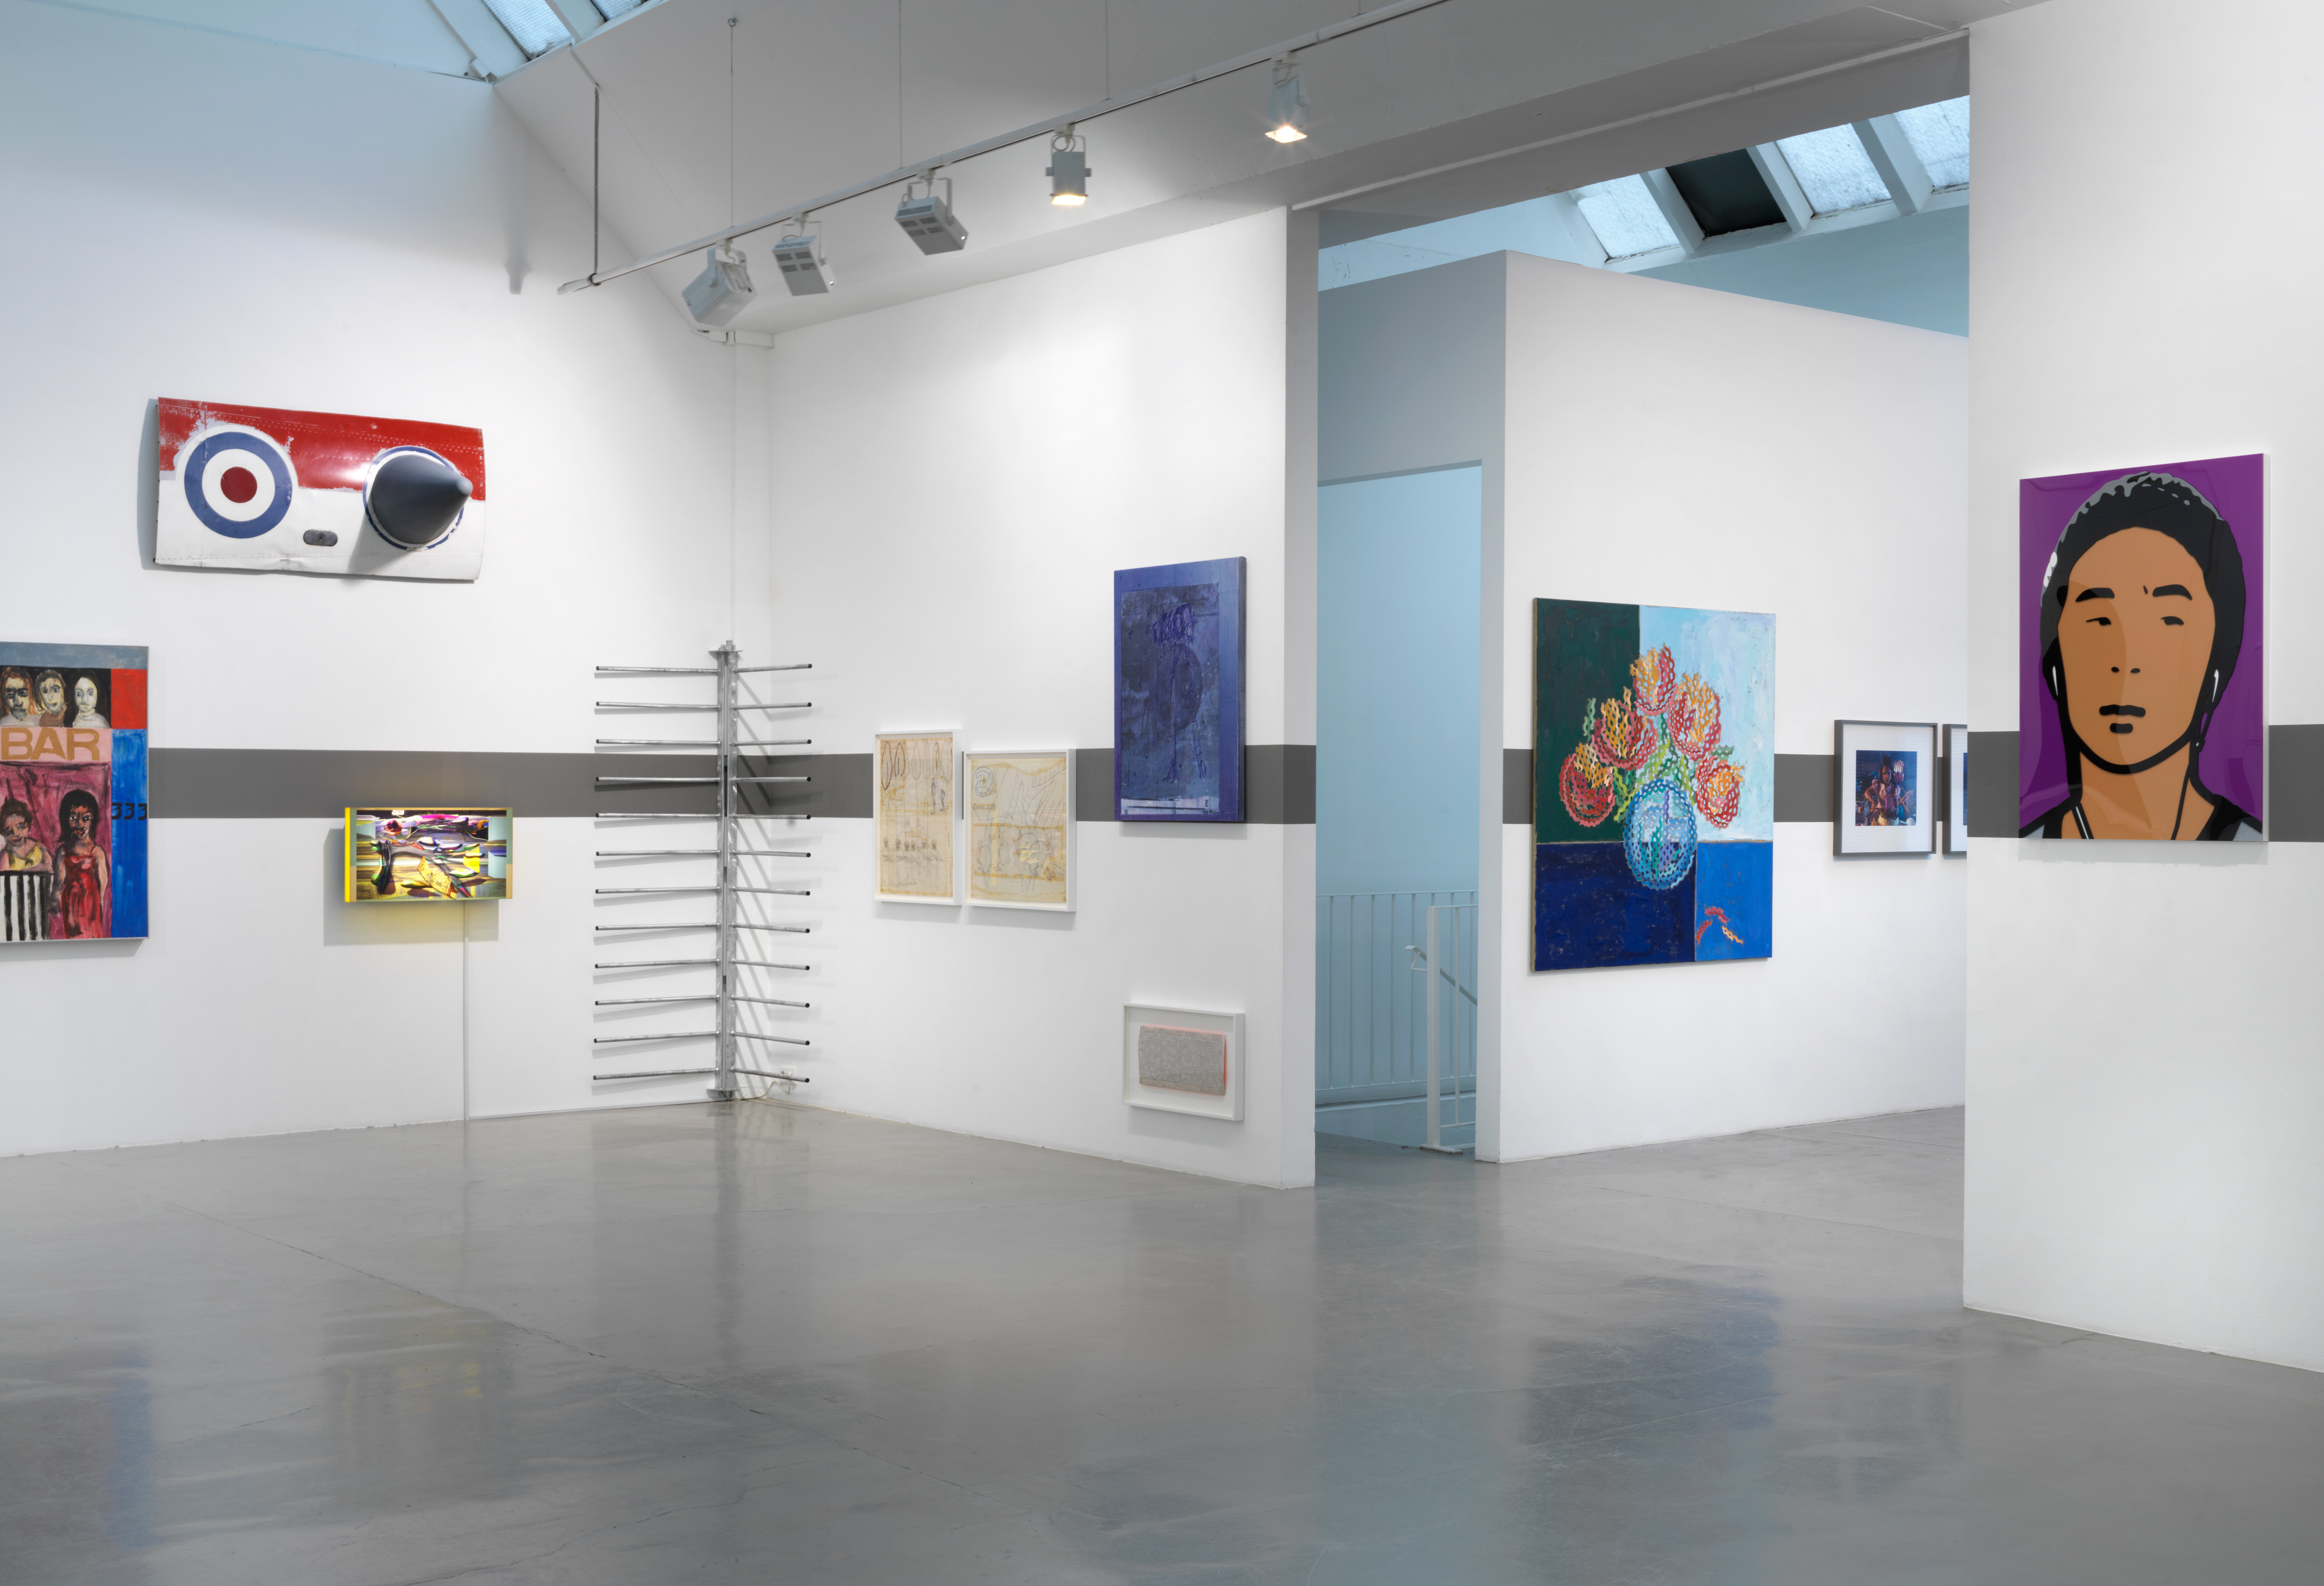 Galerie Barbara Thumm \ ZWANZIG anniversary exhibition 20 years Galerie Barbara Thumm